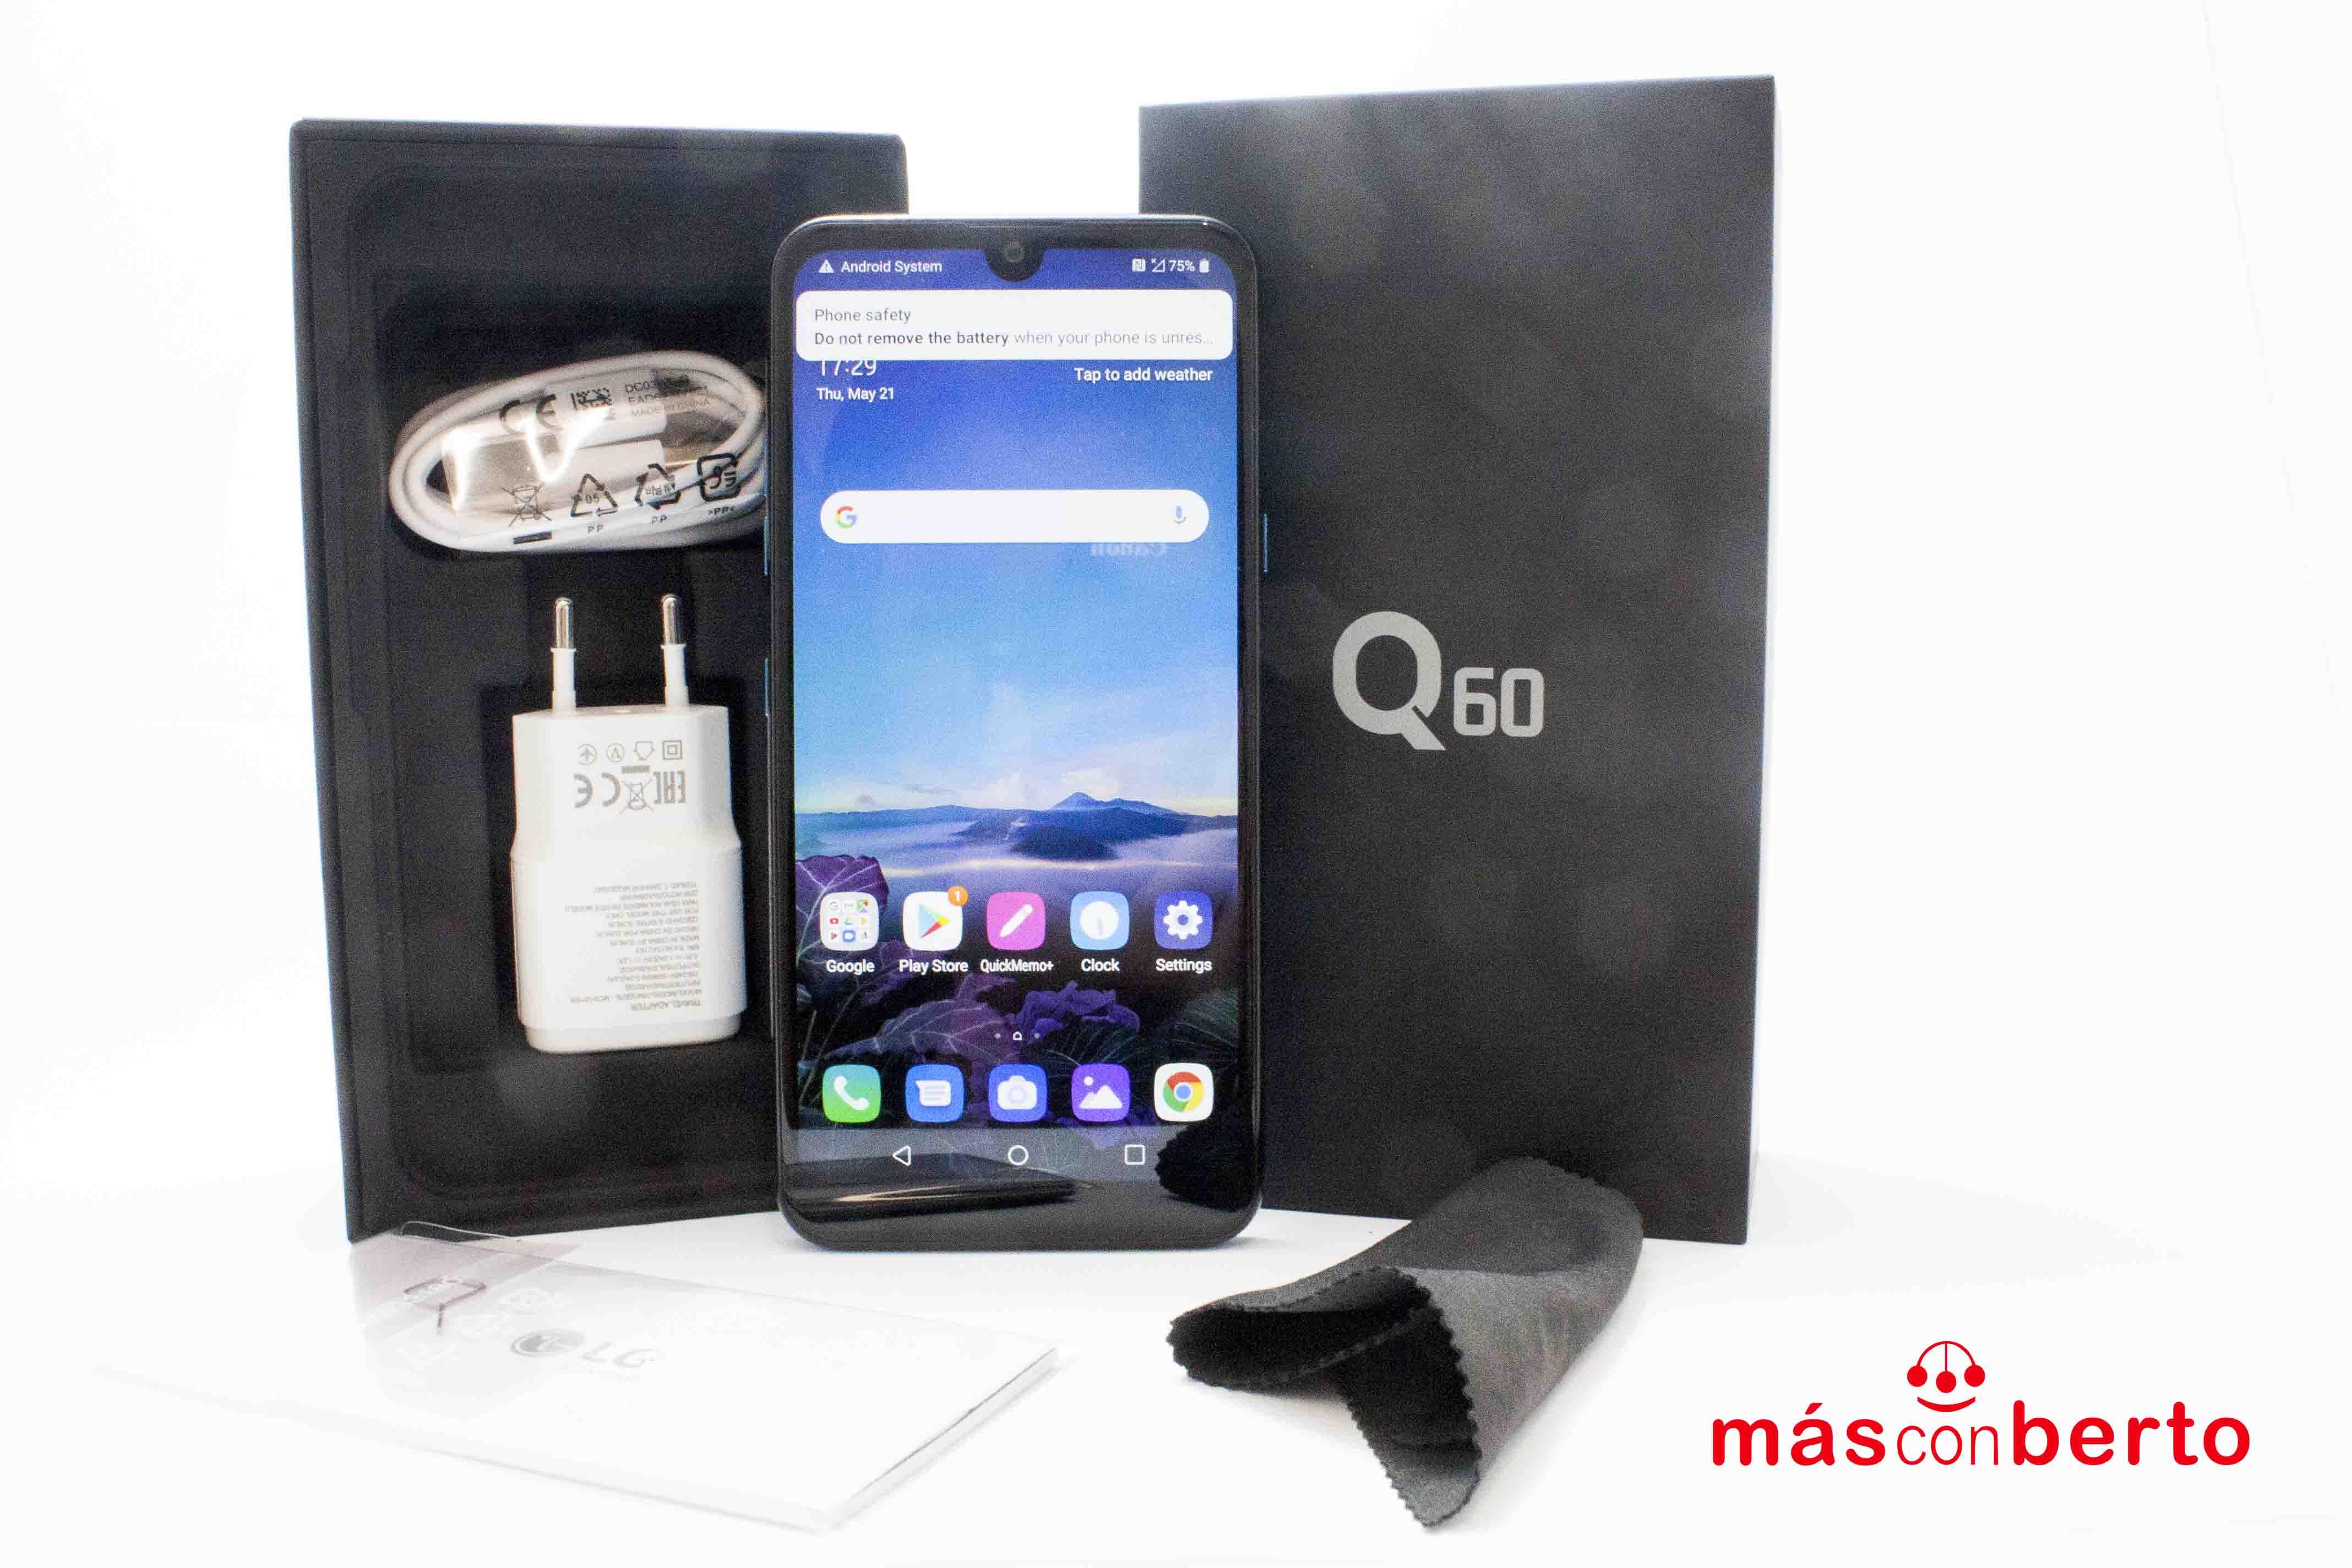 Móvil LG Q60 Azul